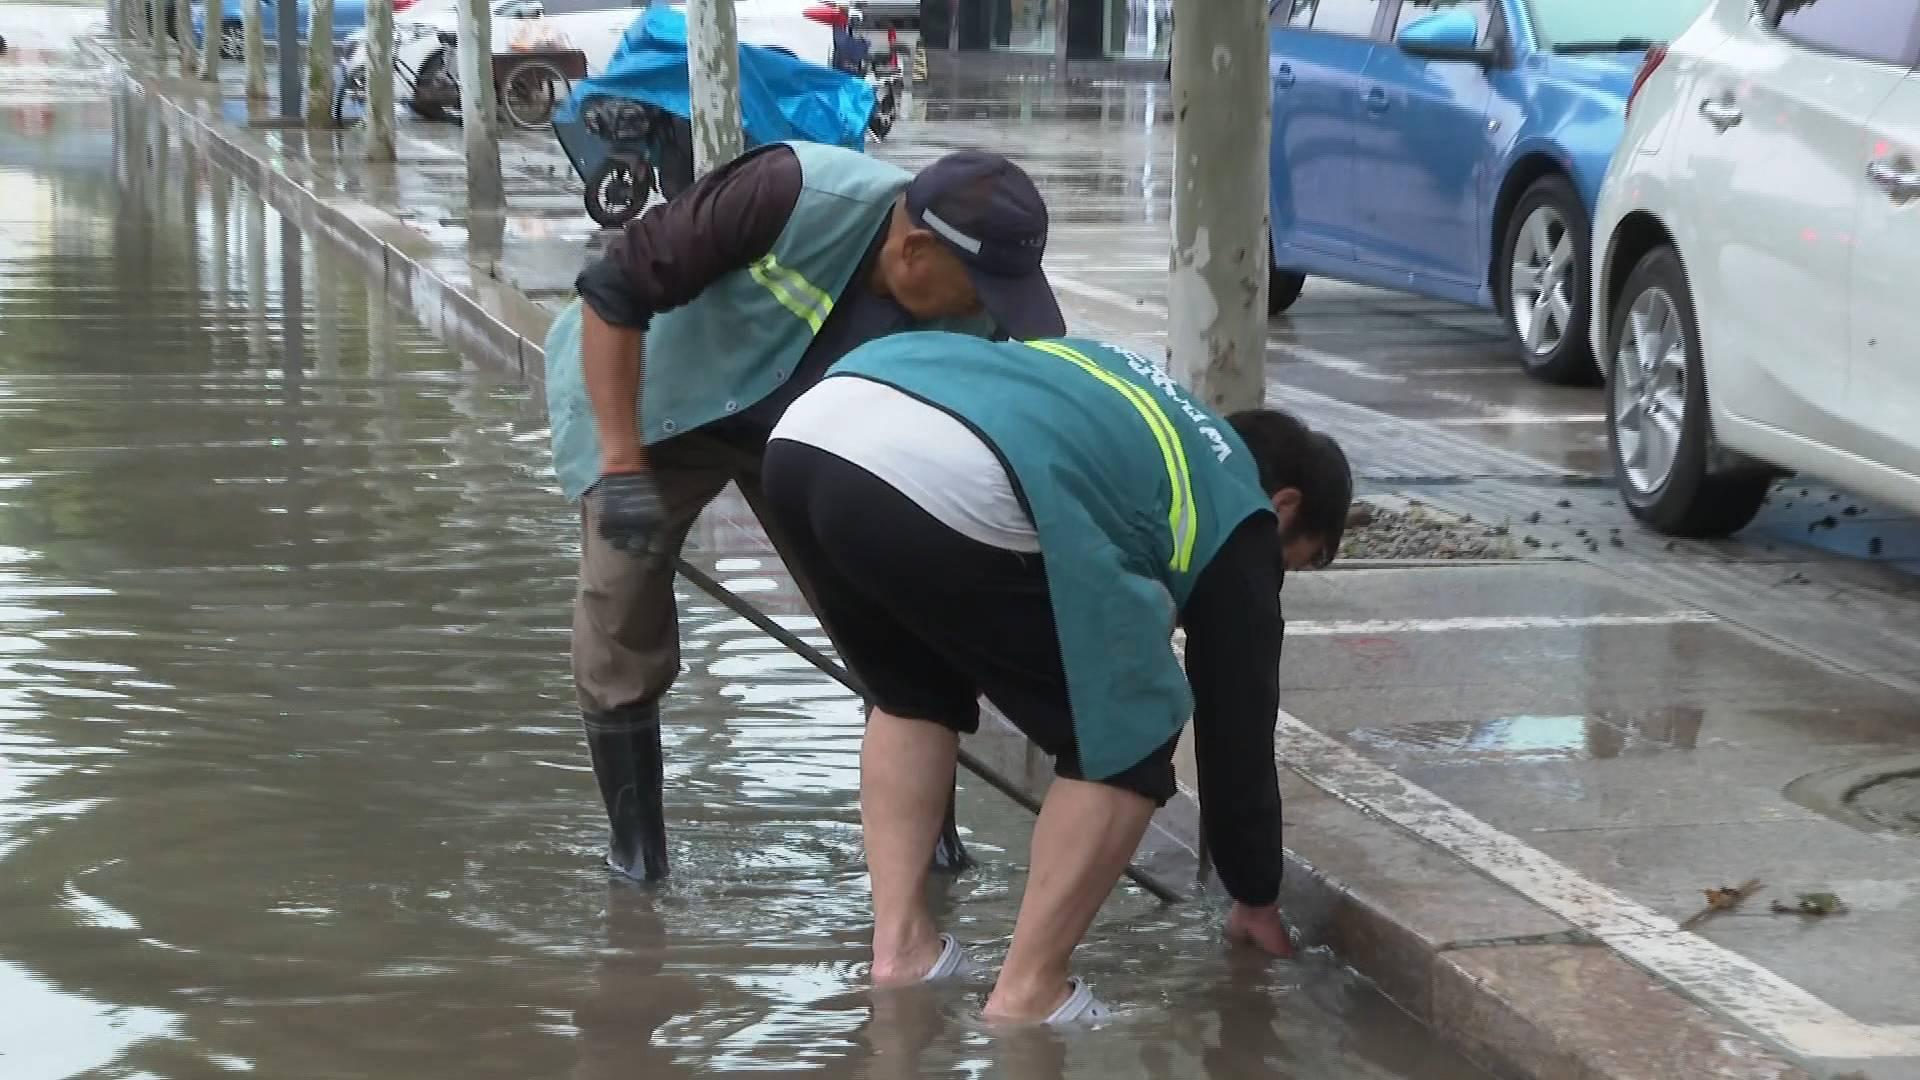 菏泽成武降下暴雨 市政部门迅速排除积水保障通行